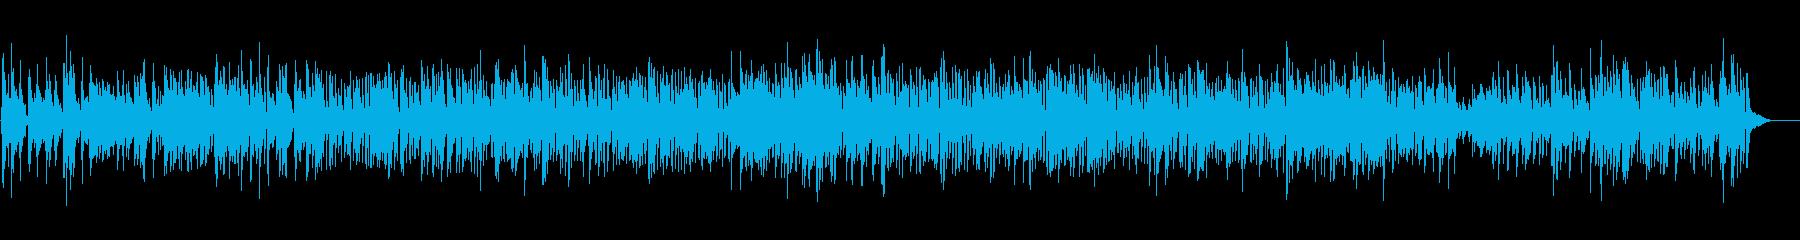 JAZZ|映像・ラジオ・店舗BGM|上品の再生済みの波形